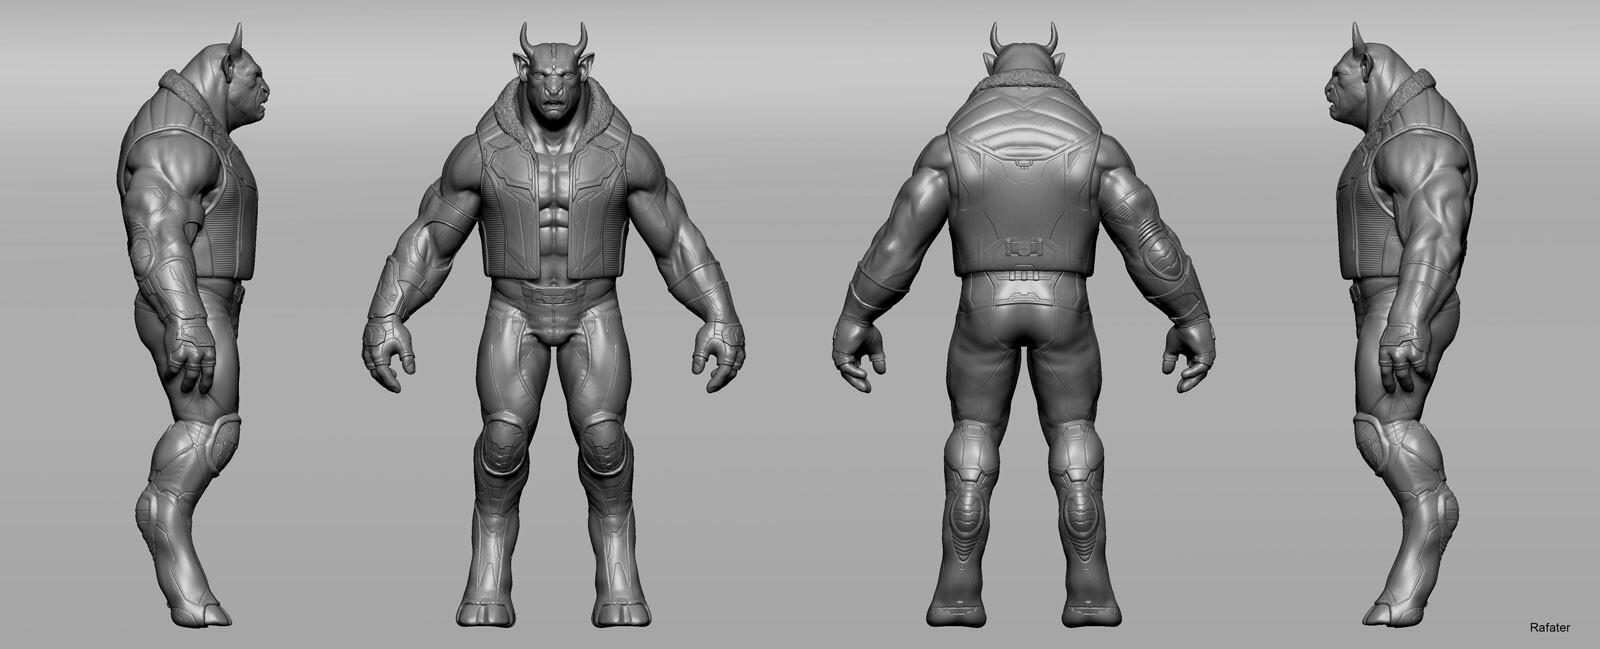 Rafael teruel minotaur creatuanary rafater character clothing